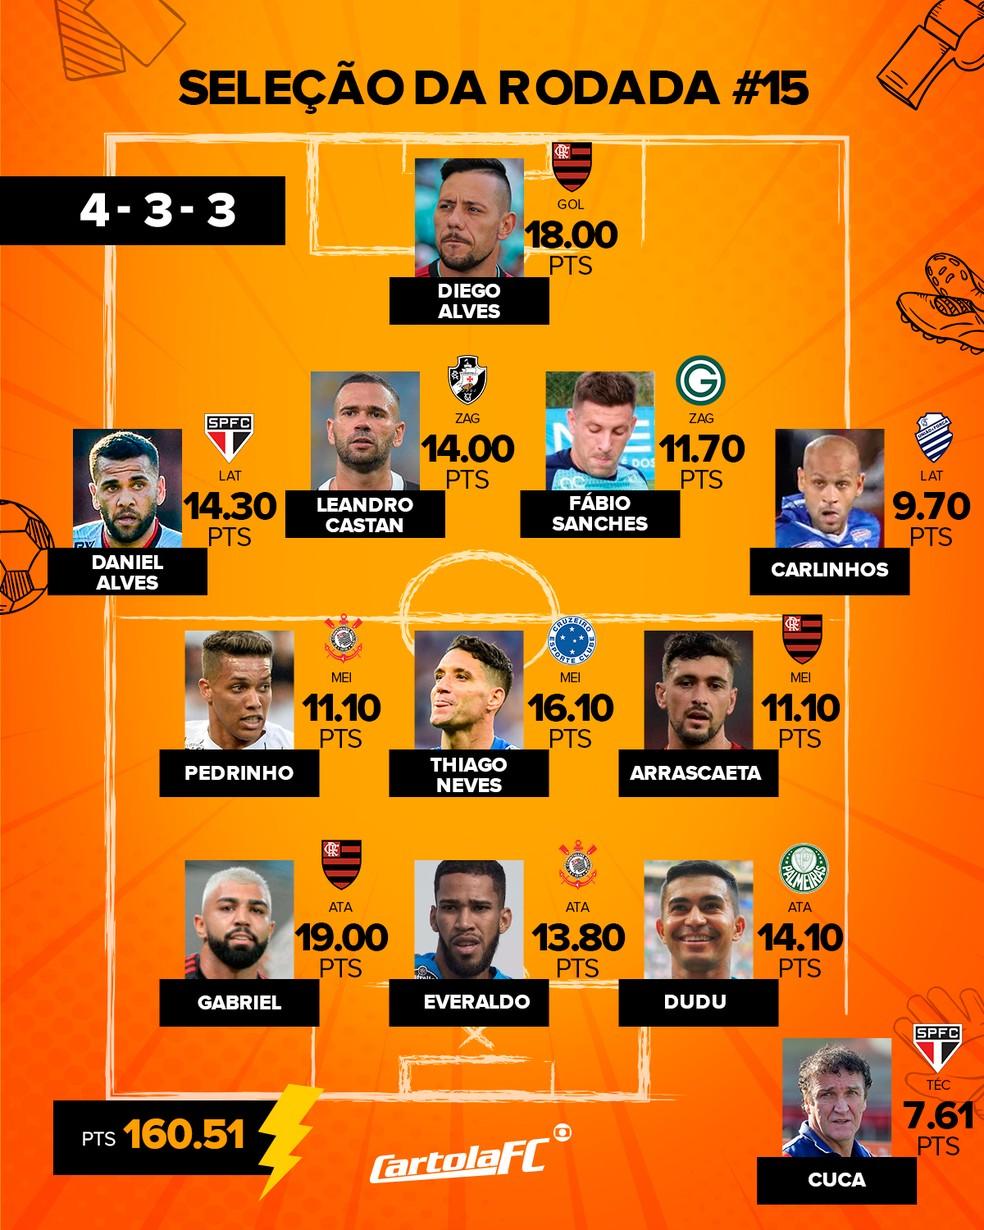 Seleção cartola rodada 15 — Foto: Infográfico